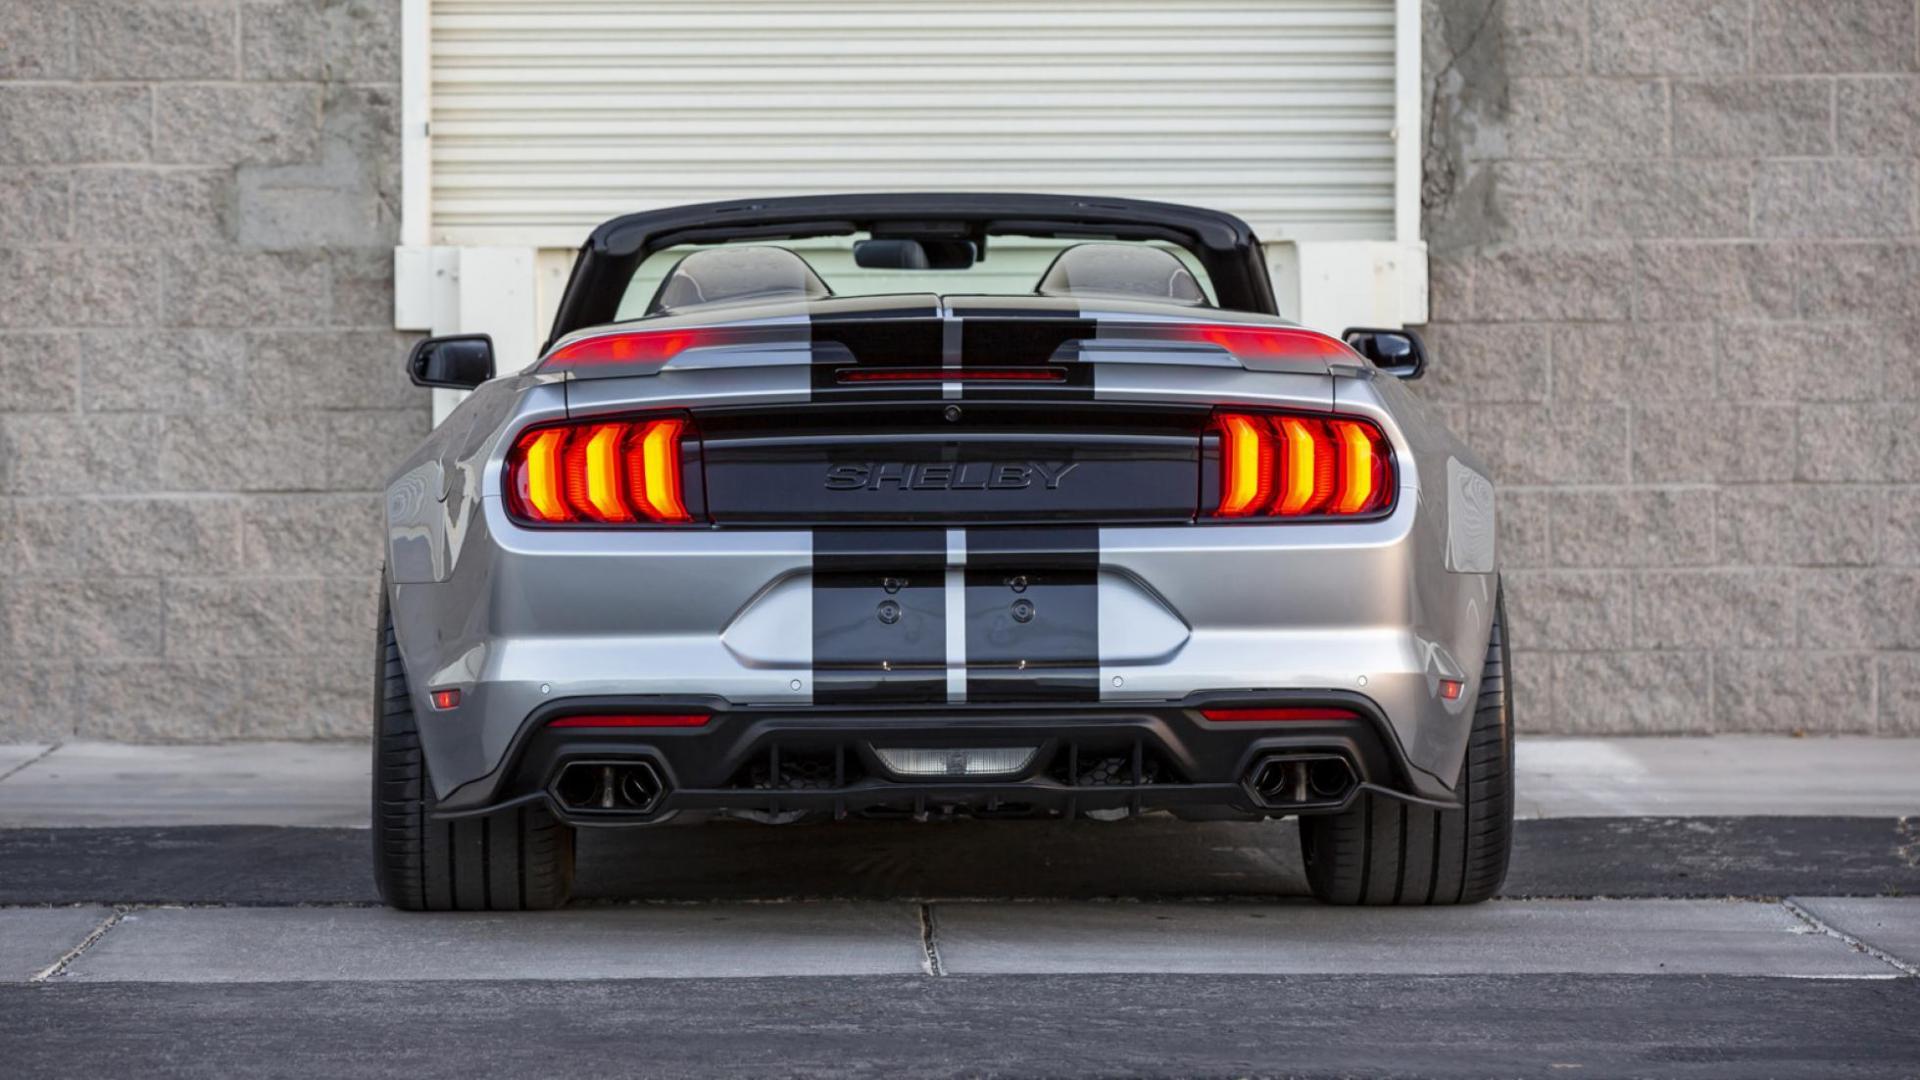 Achterkant Ford Mustang Shelby Super Snake Speedster (2021)